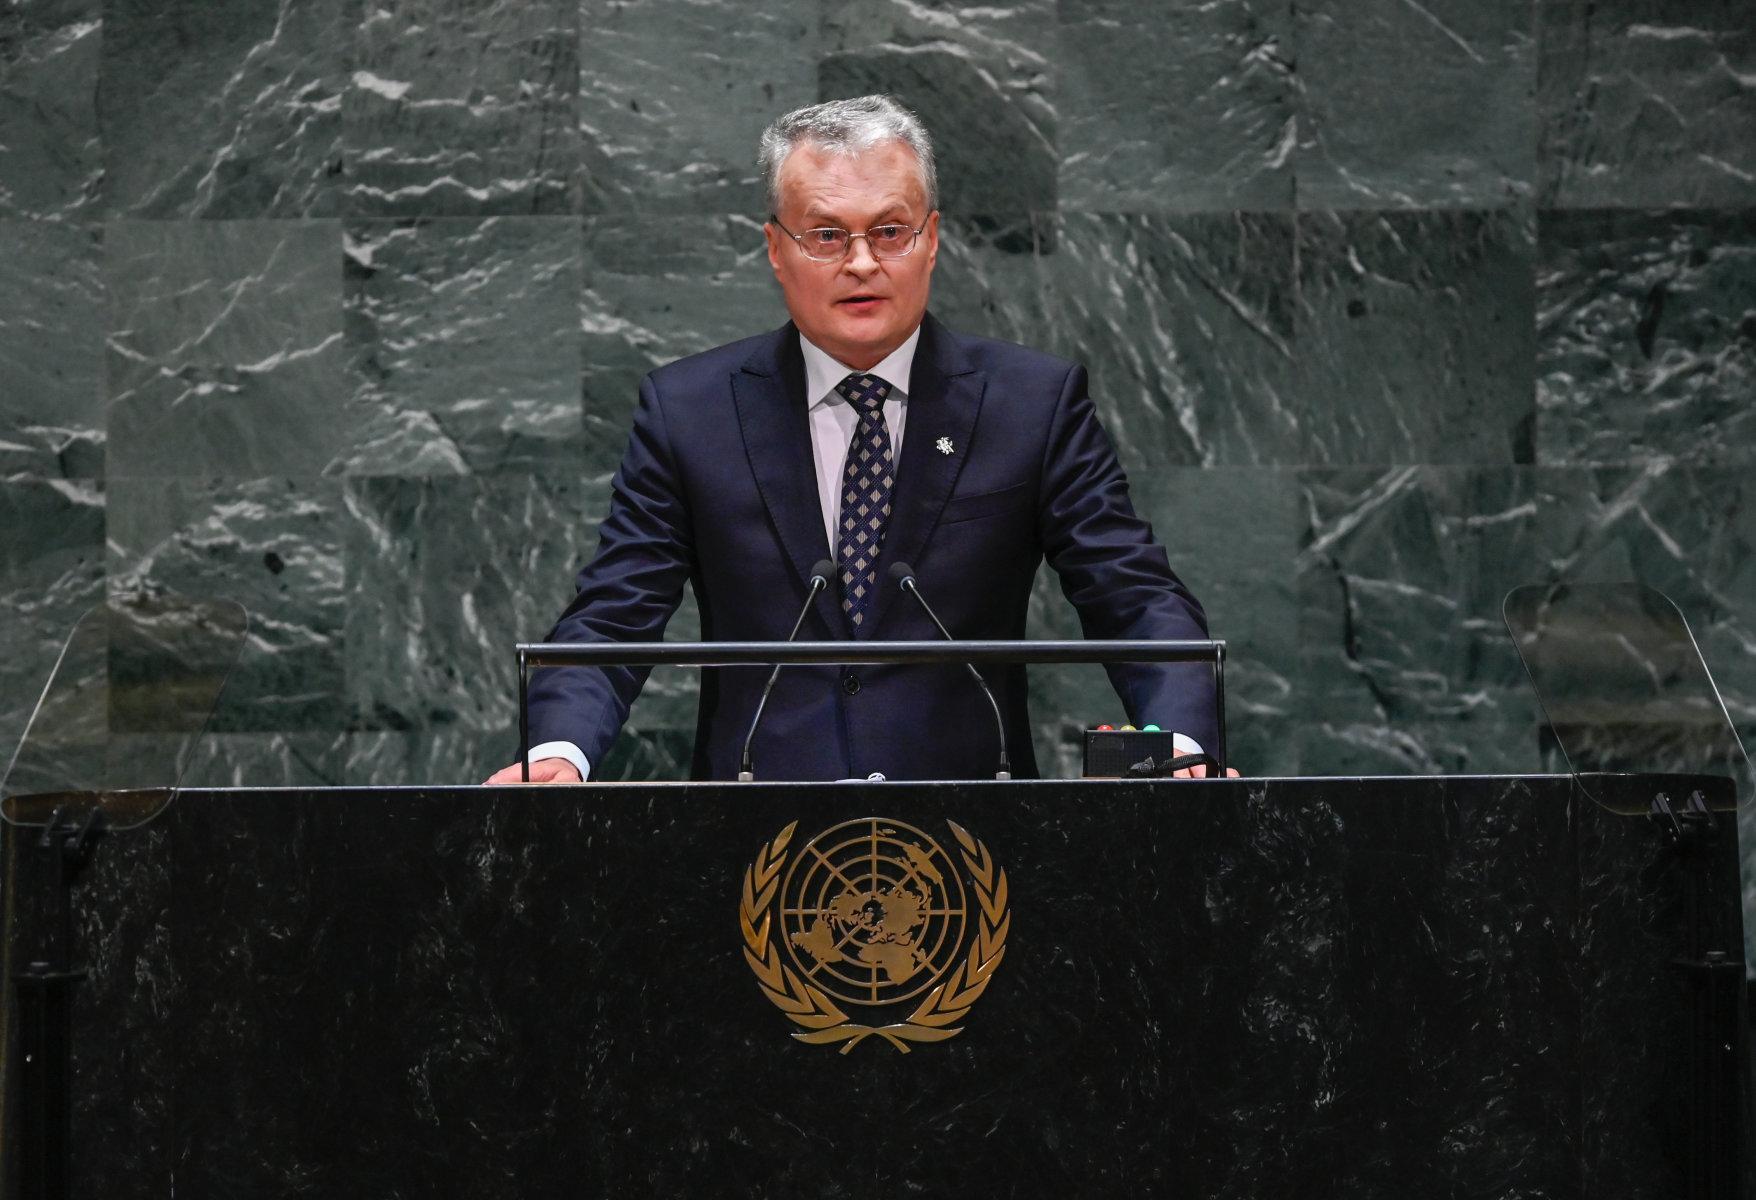 В Нью-Йорке – речь Г. Науседы в Генассамблее ООН - новости политики,  новости в мире - газета «Обзор», новости Литвы